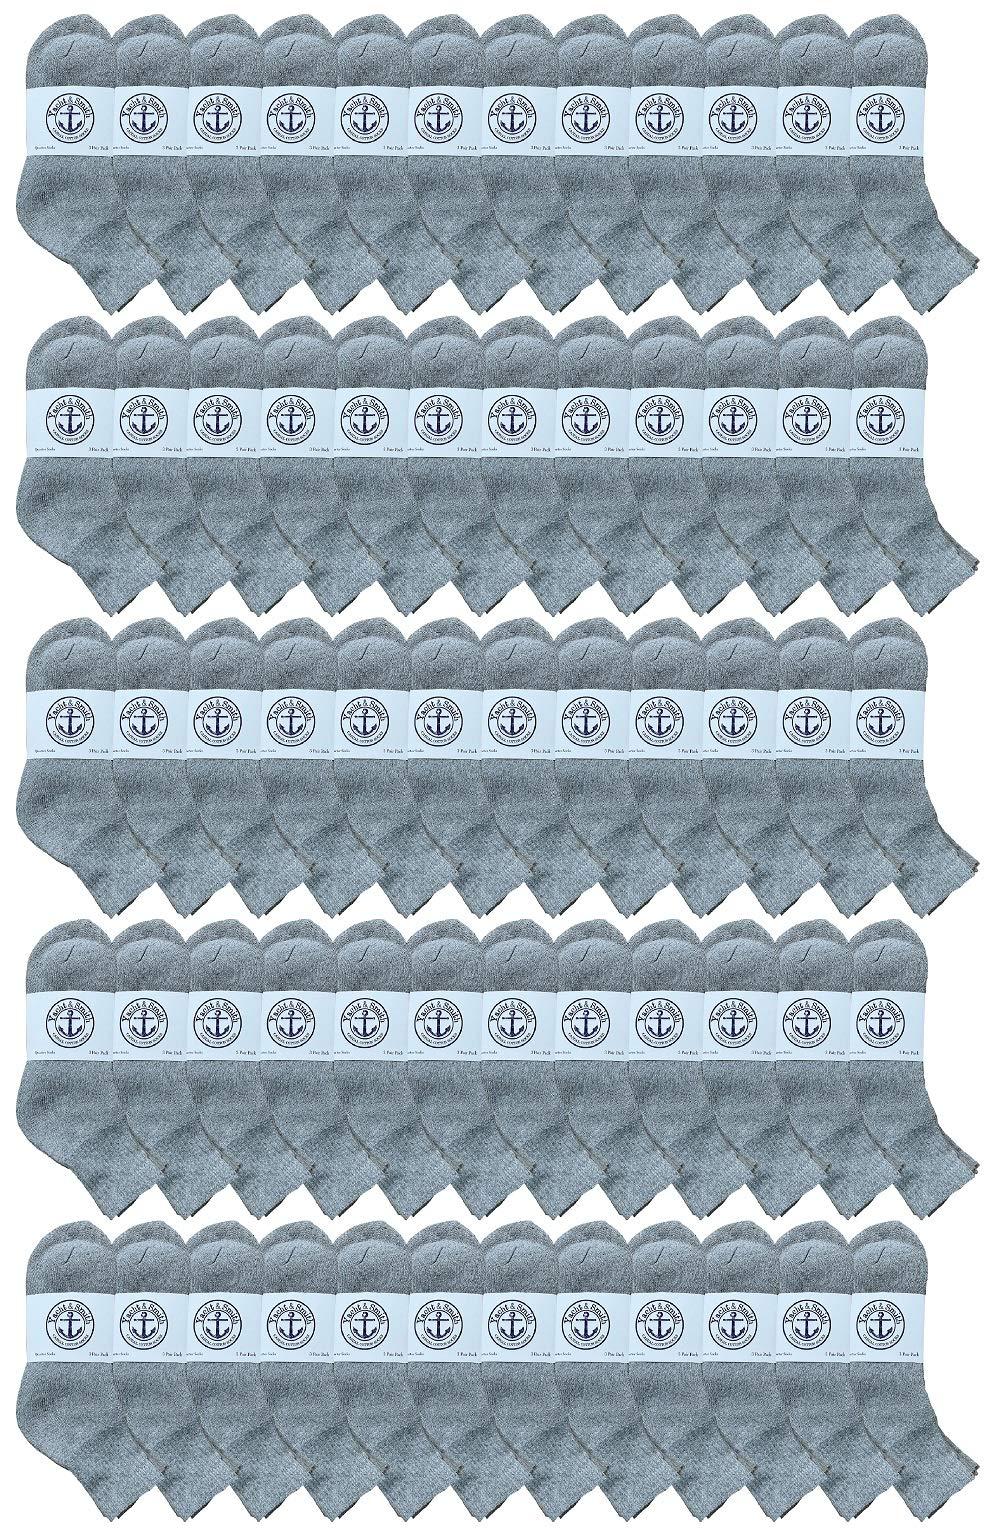 SOCKS'NBULK 60 Pairs Wholesale Bulk Sport Cotton Unisex Crew Socks, Ankle Socks, Value Deal (Womens Gray Ankle) by SOCKS'NBULK